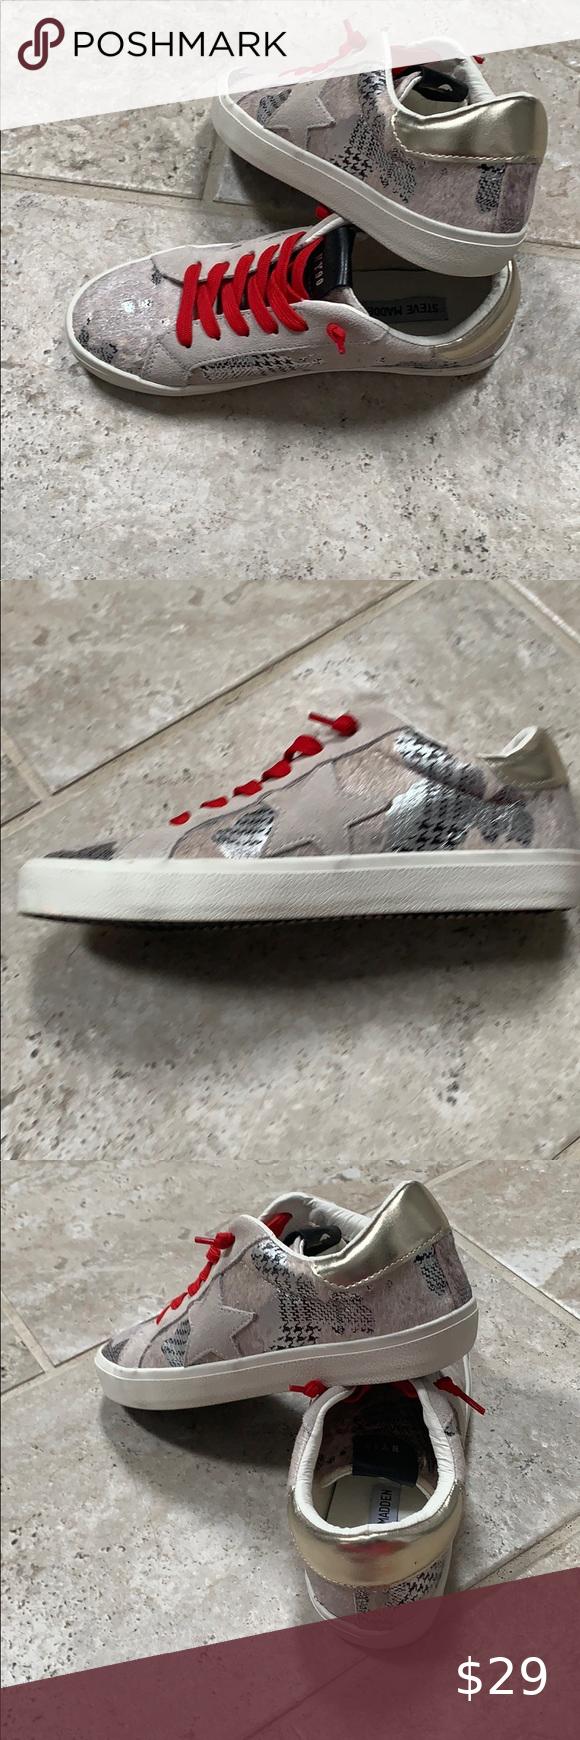 New Steve Madden Philosophy Golden Star Sneakers In 2020 Star Sneakers Steve Madden Sneakers